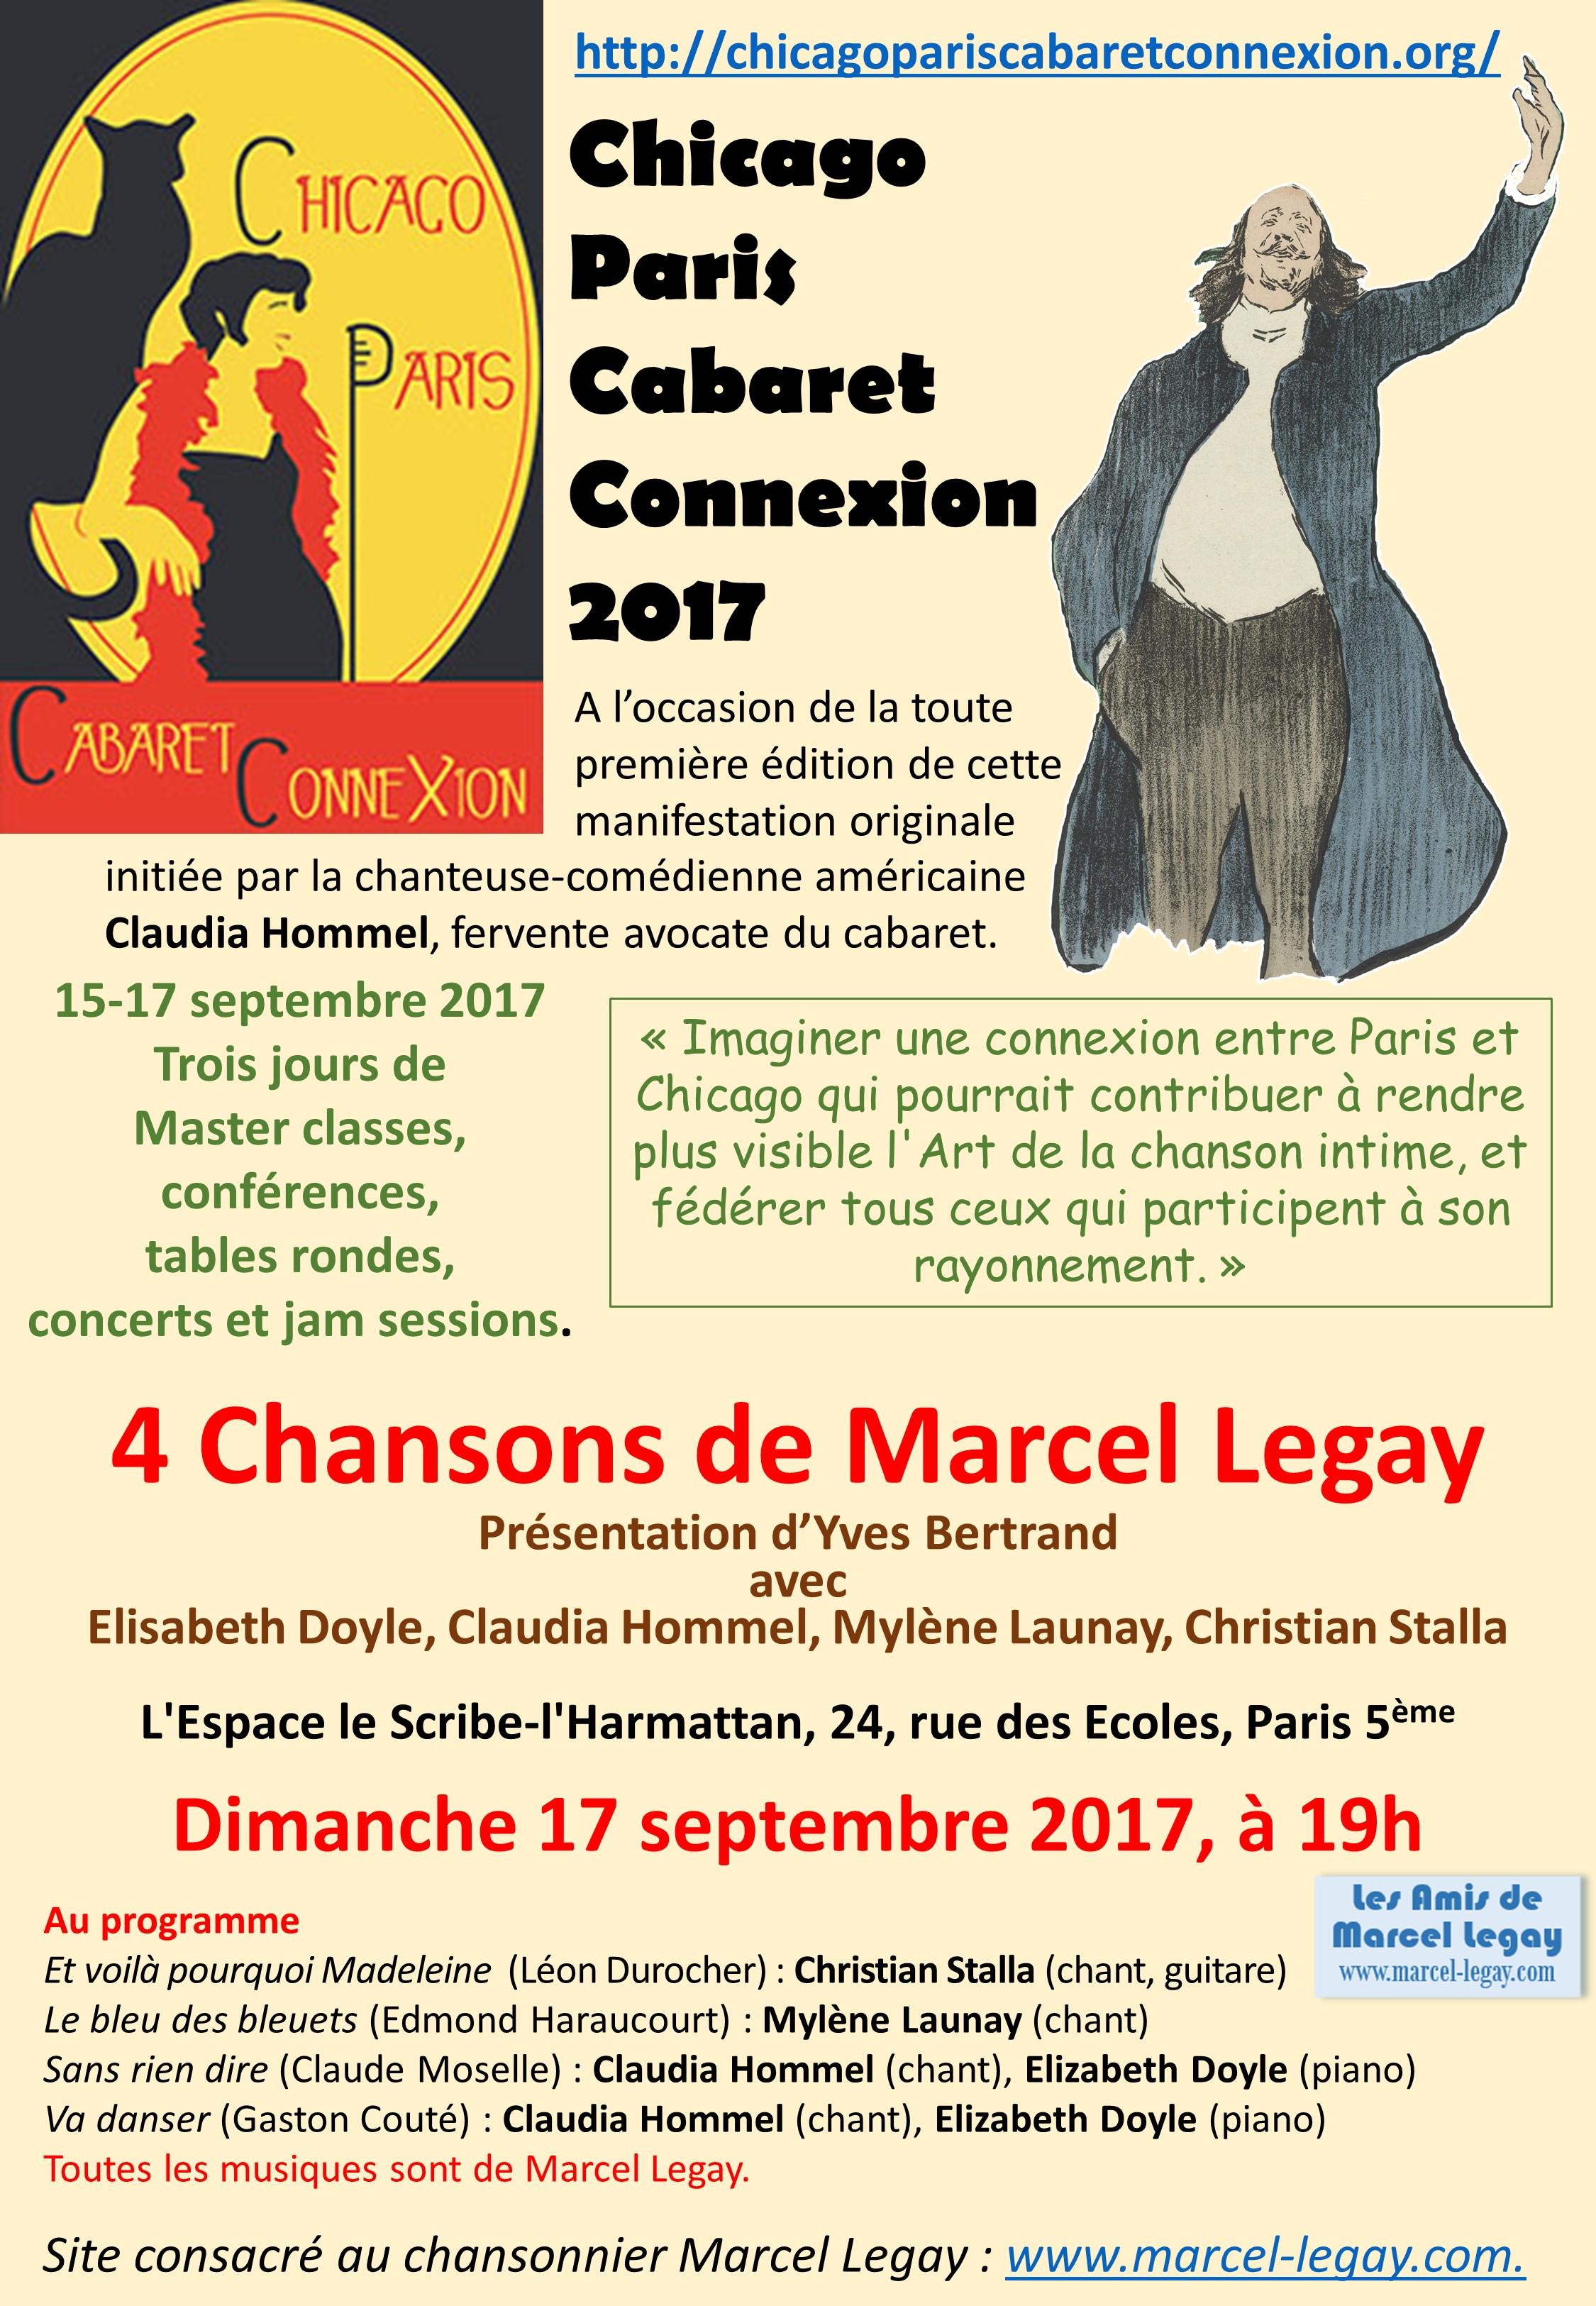 2017-09-17_Affiche-programme_Conférence-spectacle à la Chicago-Paris-Cabaret-Connexion_2017_Paris